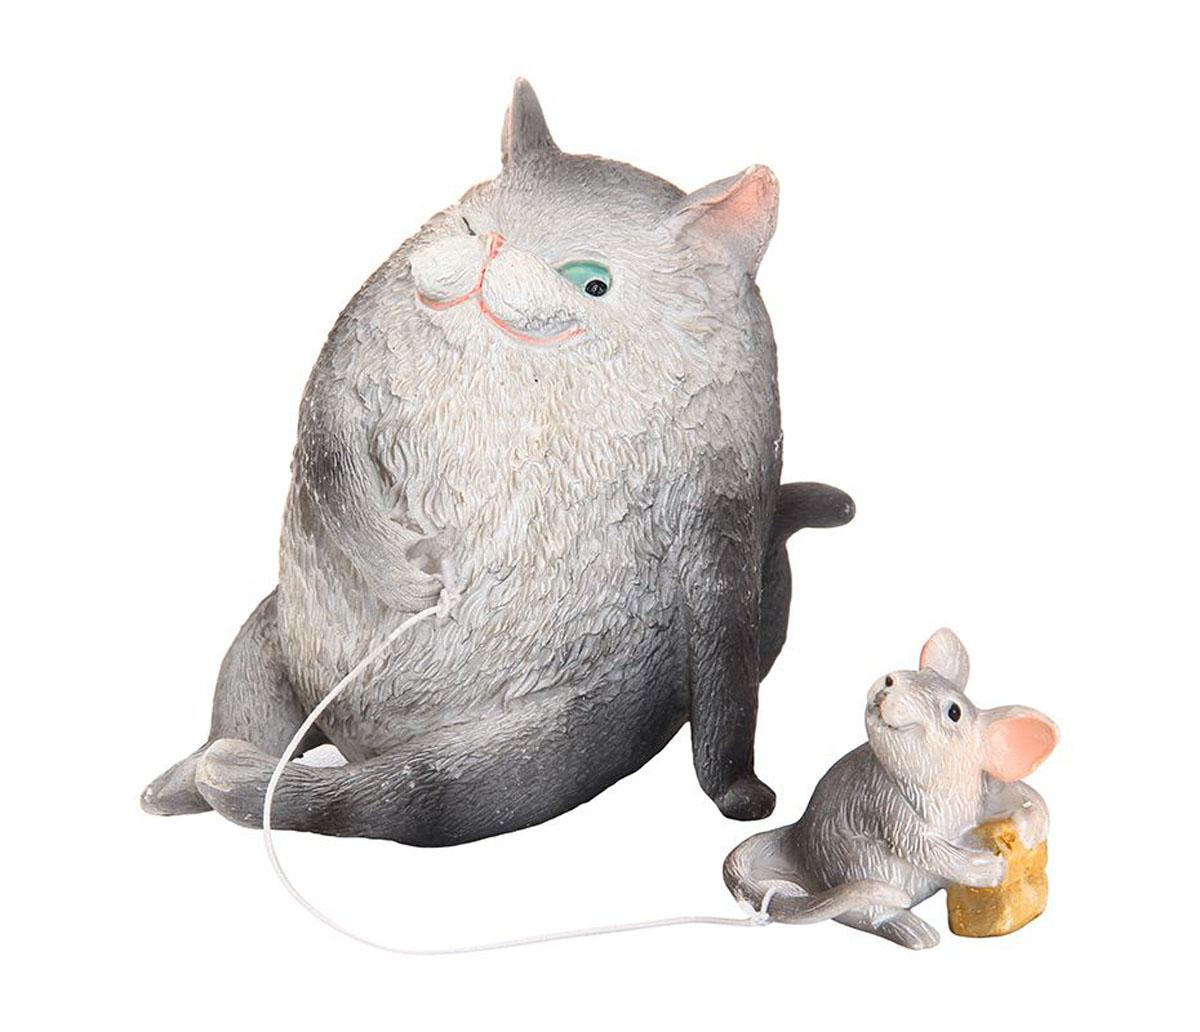 Фигурка декоративная Elan Gallery Кошки-мышки, высота 8 см700014Декоративная фигурка Elan Gallery Кошки-мышки, изготовленная из полистоуна, станет необычным аксессуаром для вашего интерьера. Эта очаровательная вещица станет отличным подарком вашим друзьям и близким. Размер фигурки: 6 х 8 х 8 см.